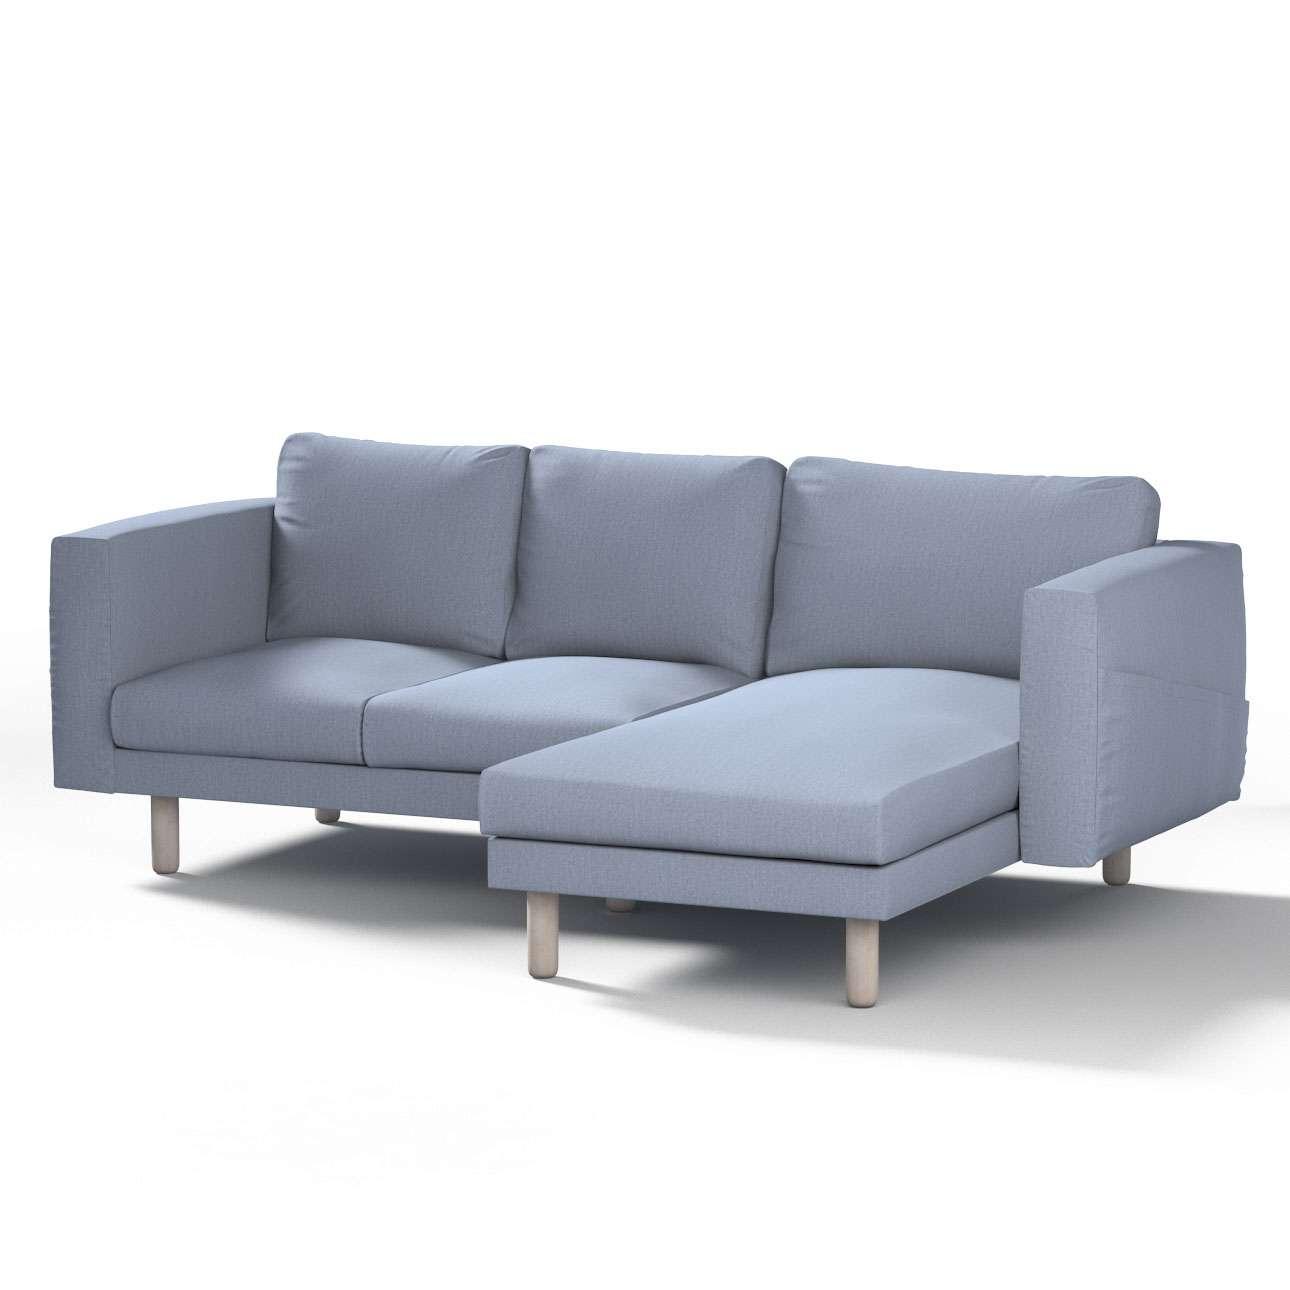 Pokrowiec na sofę Norsborg 3-osobową z szezlongiem w kolekcji Chenille, tkanina: 702-13